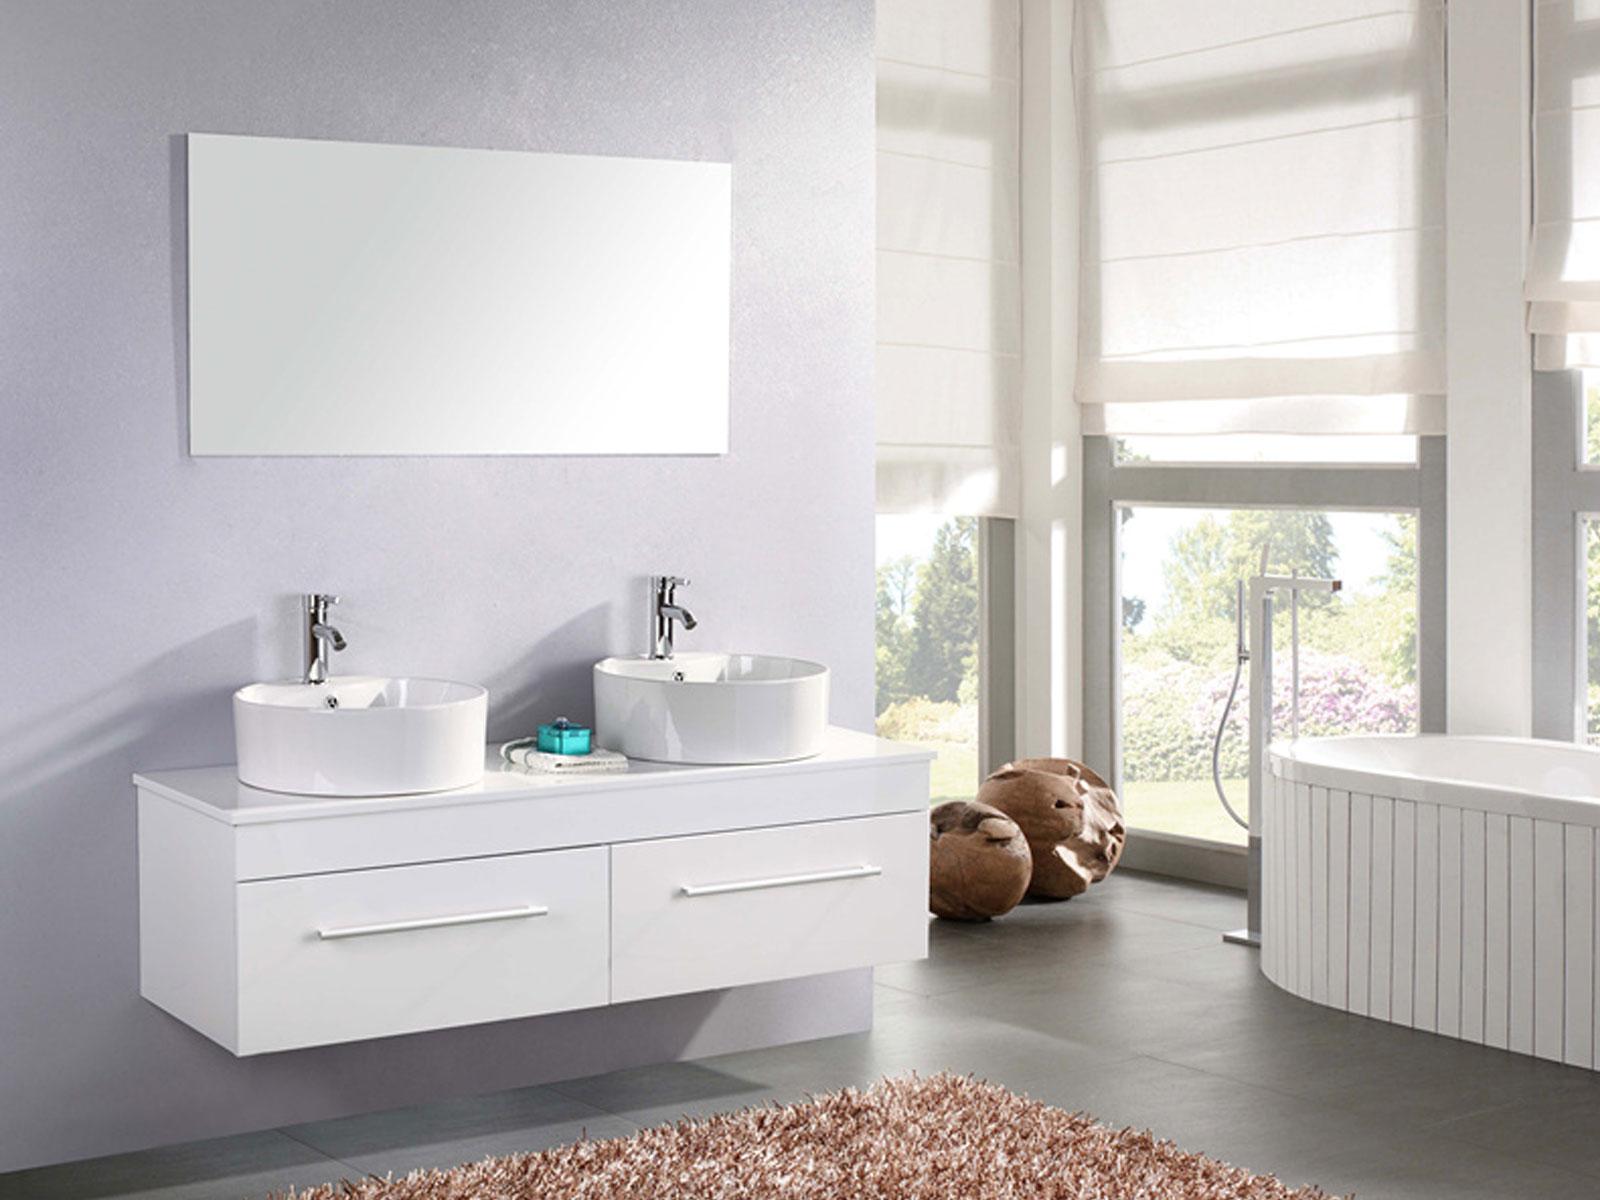 Mobile Bagno arredo bagno 150 cm Doppio Lavabo Incluso - Cardellino